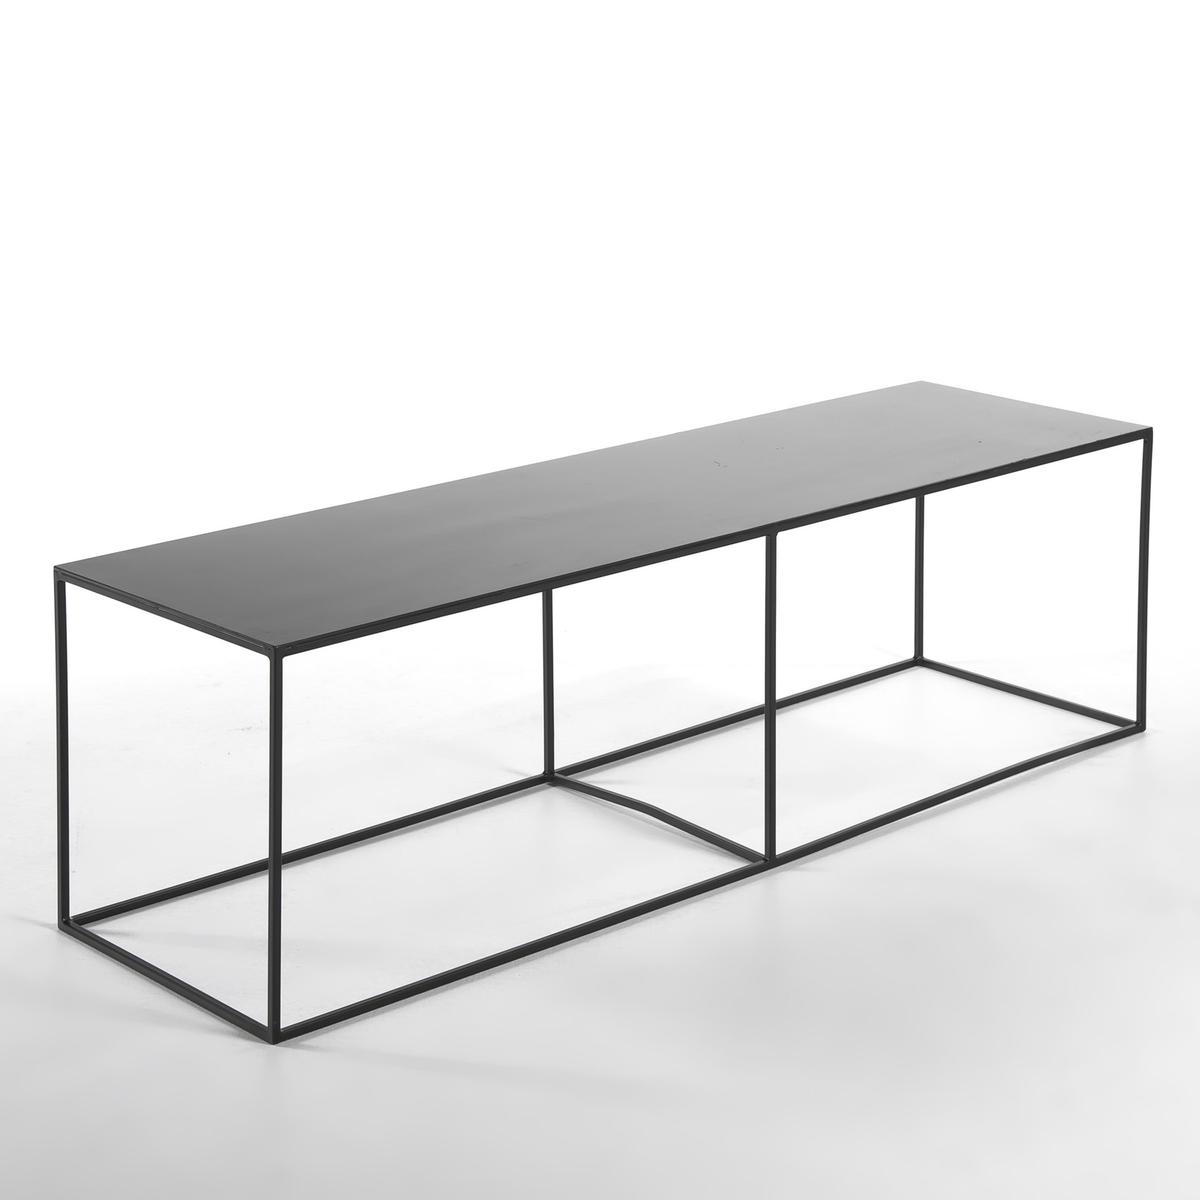 Скамья, прикроватный столик из металла, Romy штора bartica quelle quelle 770777 в ш ок 175 140 см